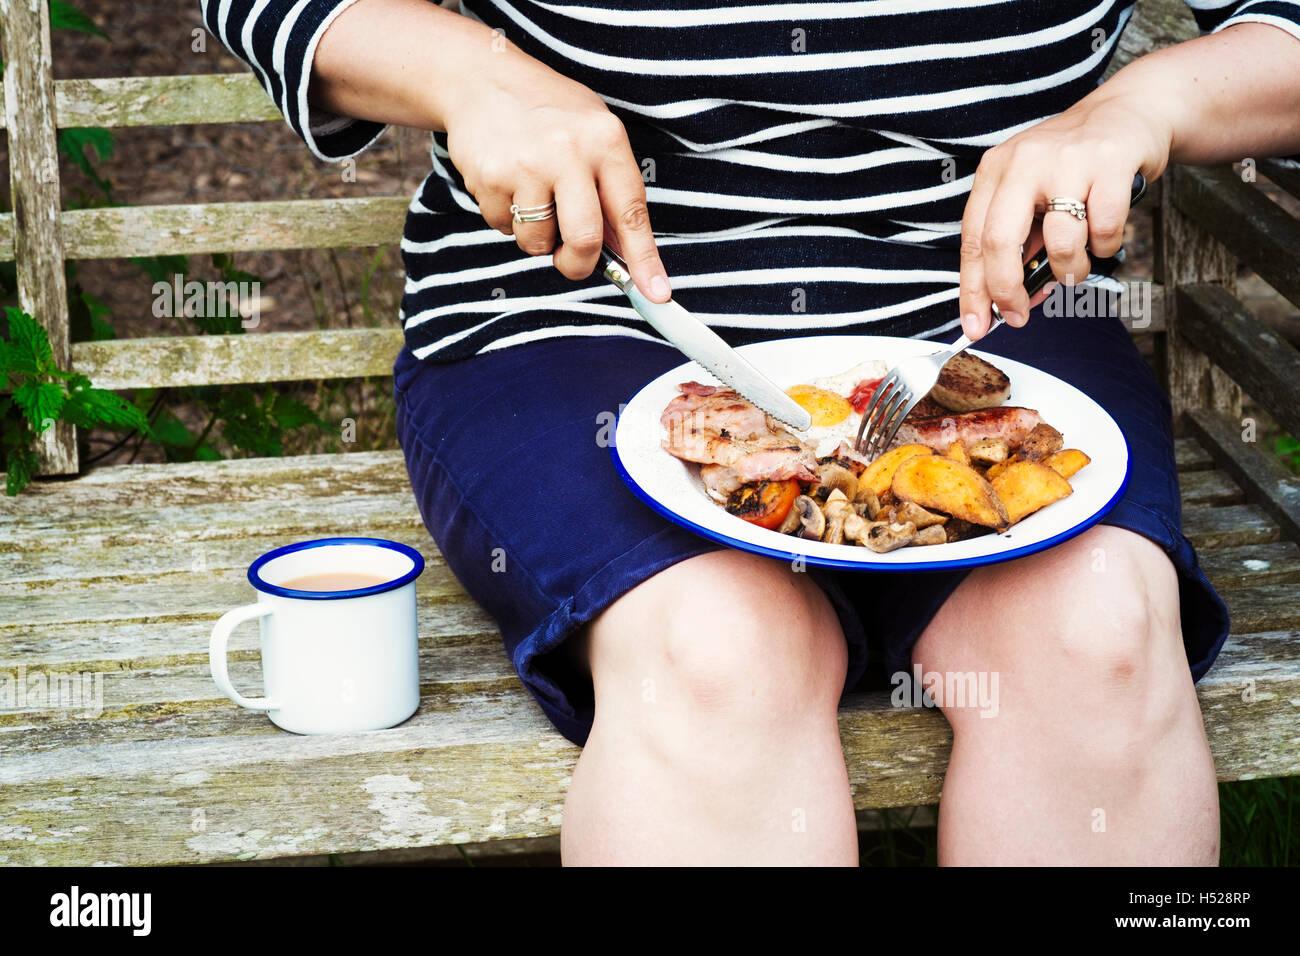 Donna seduta su una panchina di mangiare da un piatto di cibo bilanciato sulle sue ginocchia. Immagini Stock